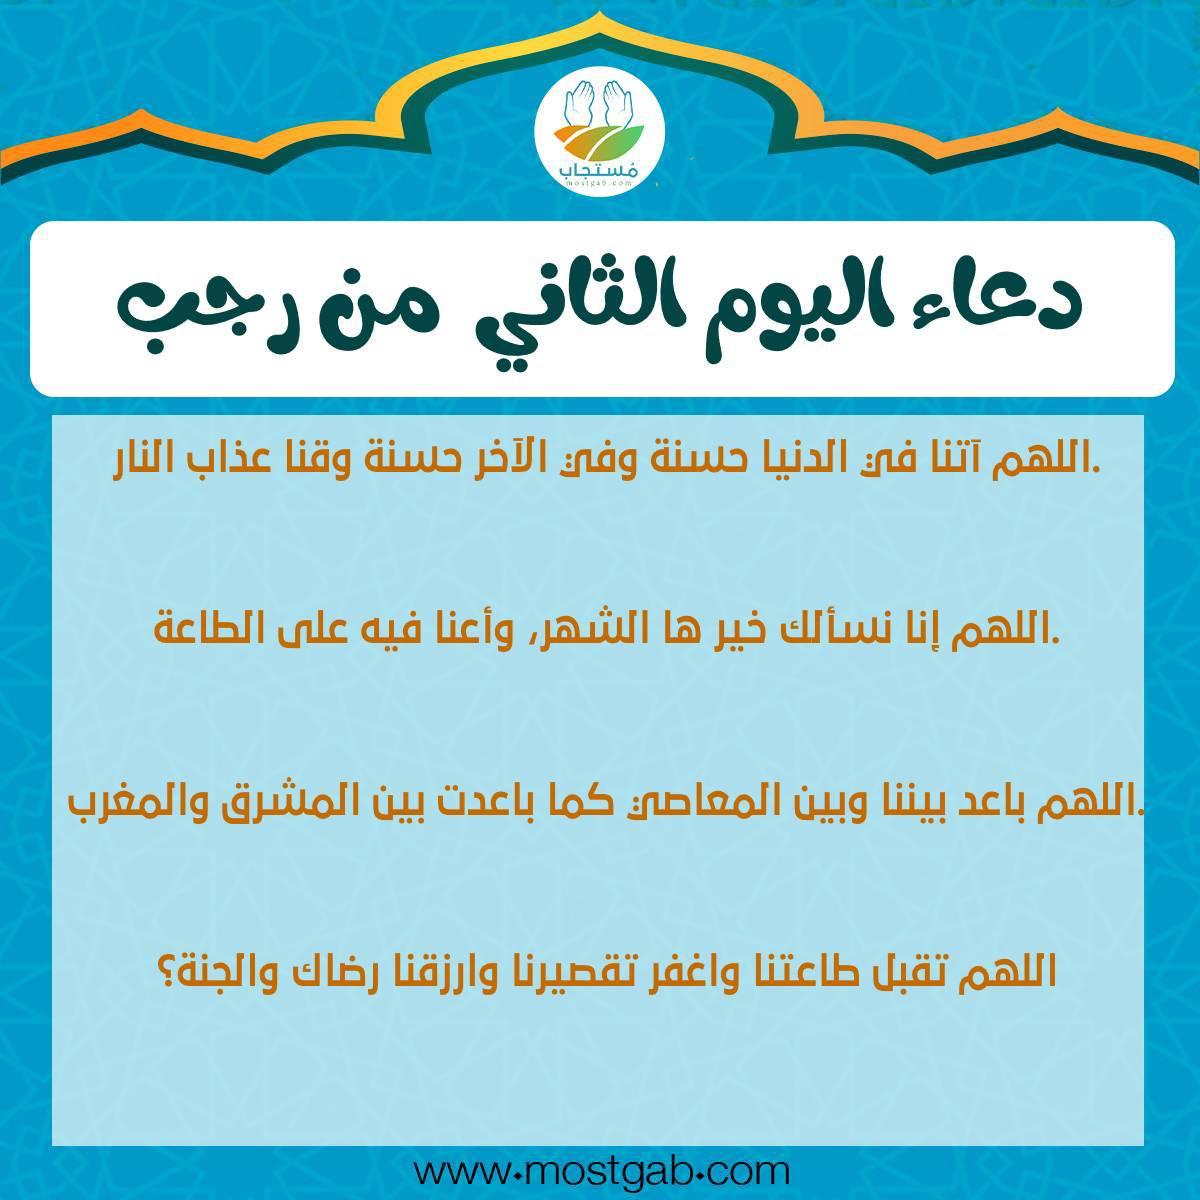 دعاء اليوم الثاني من رجب